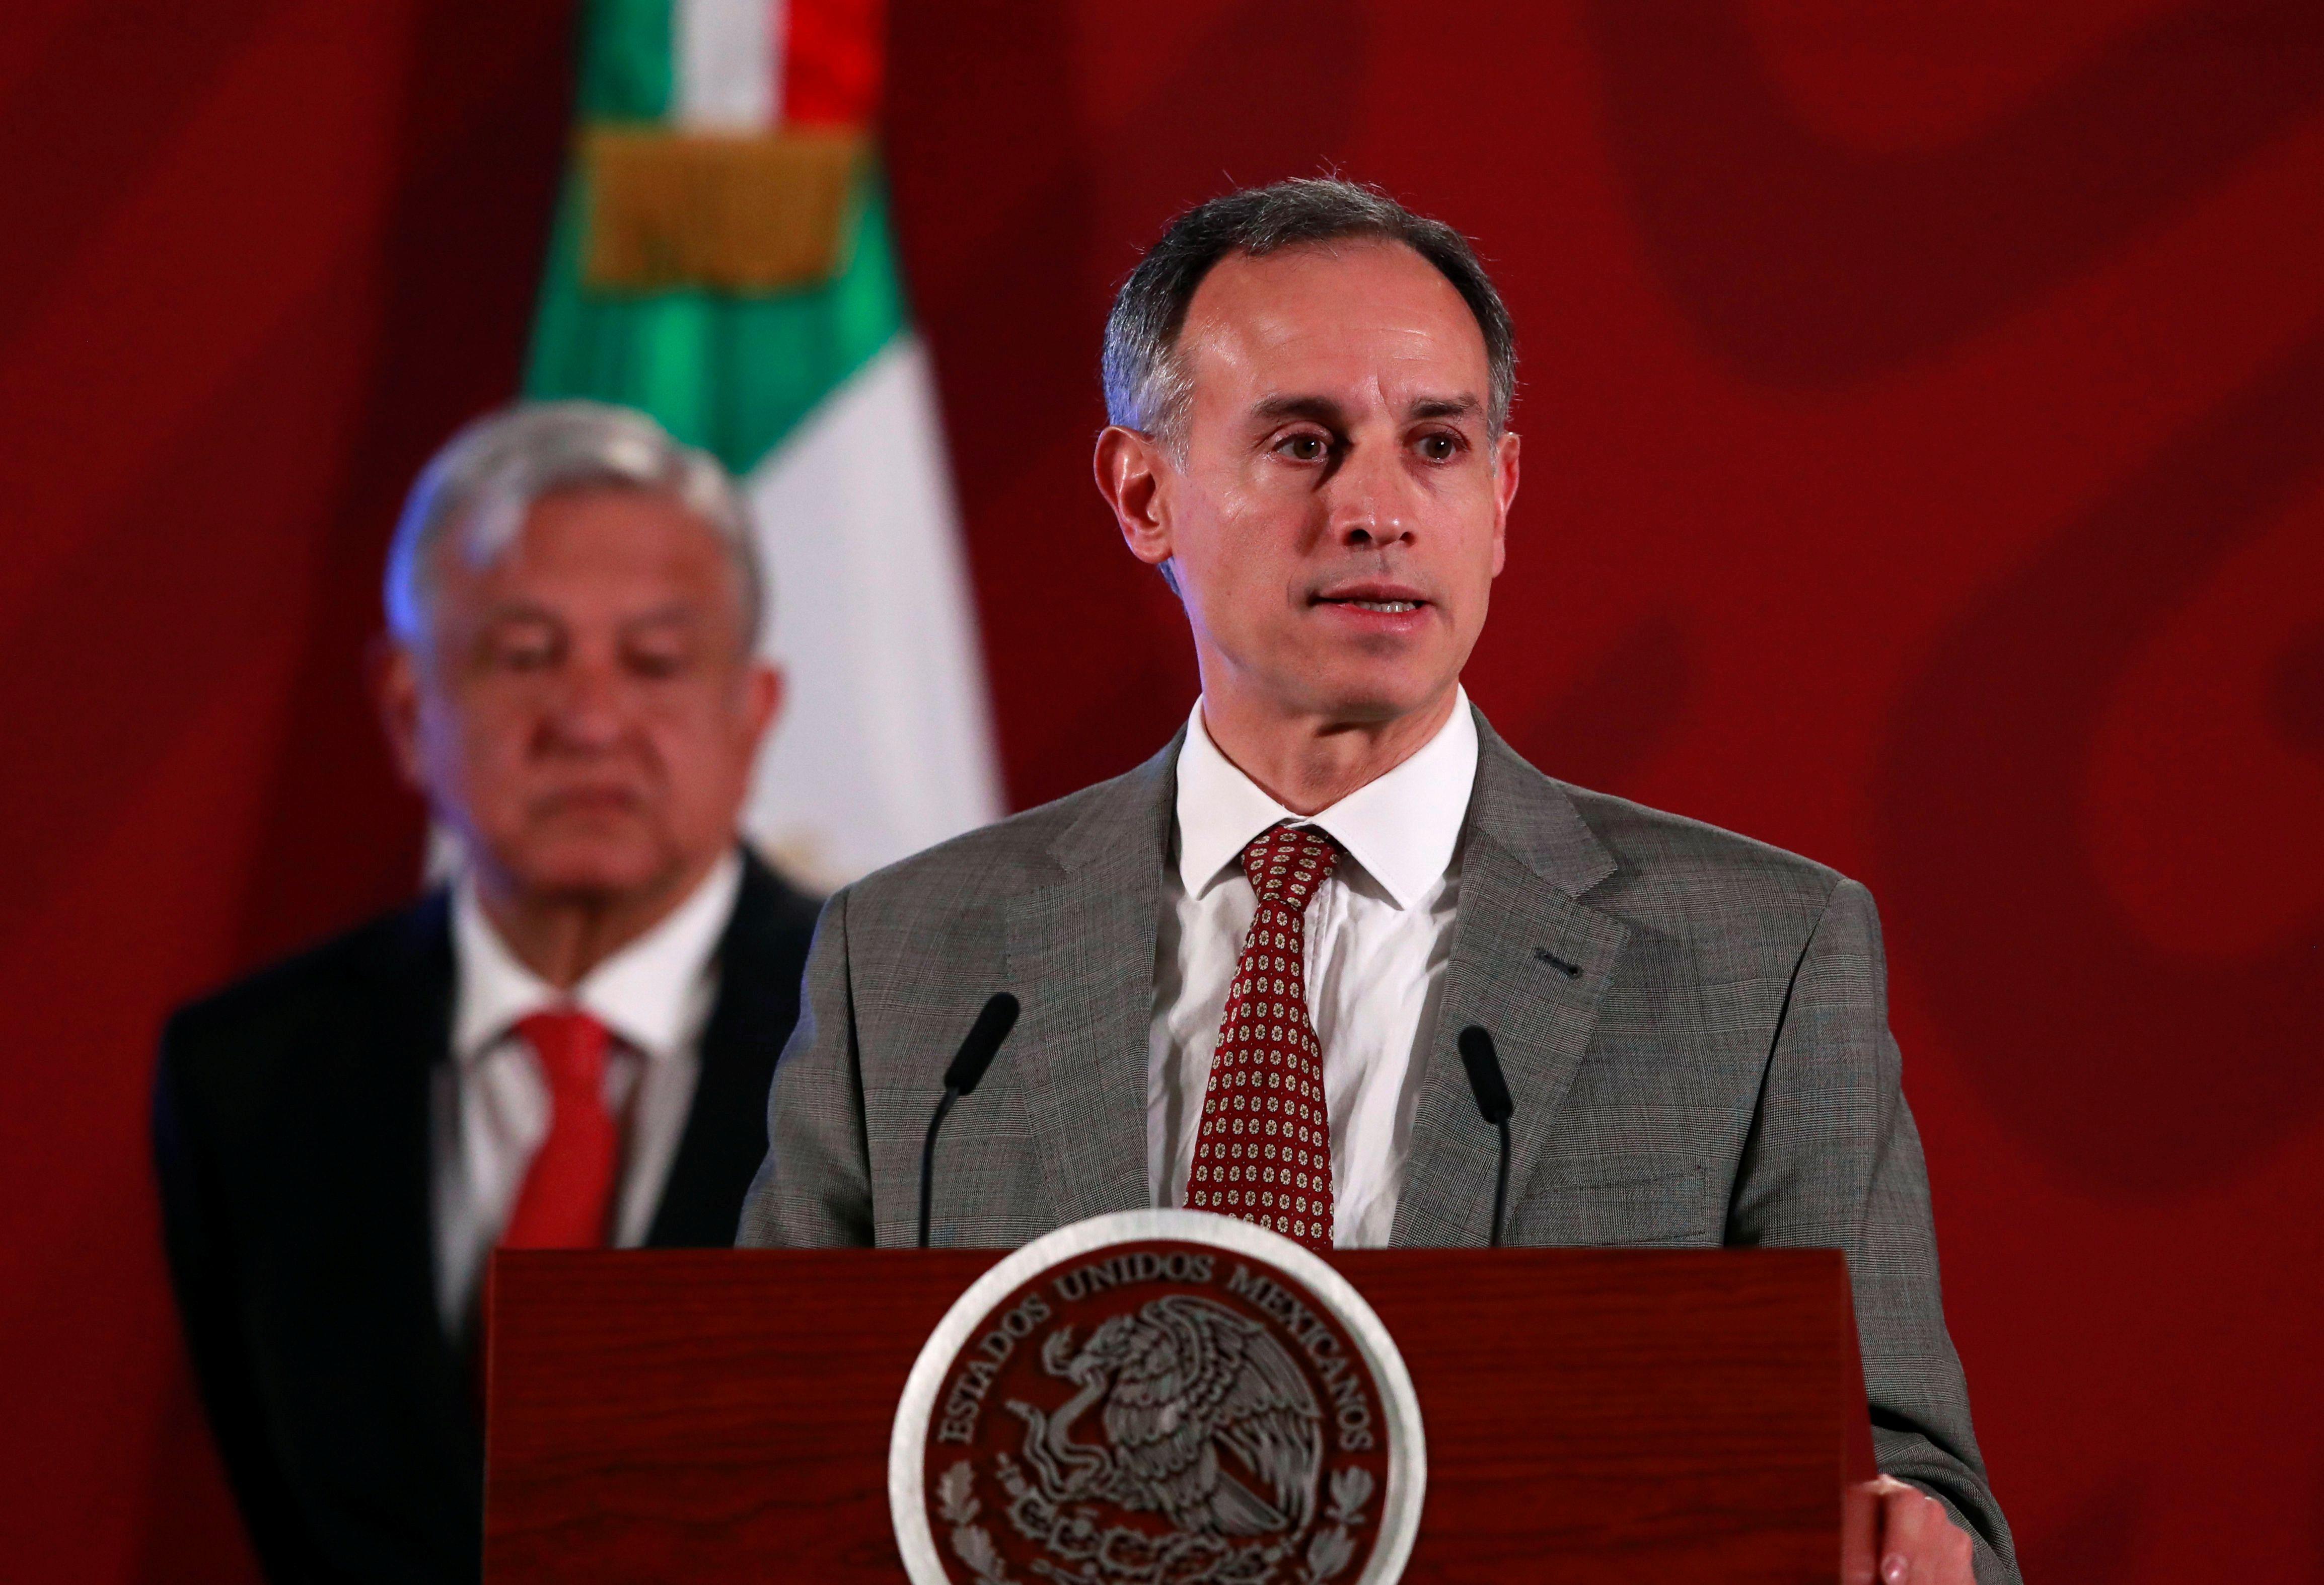 El subsecretario Hugo López-Gatell durante la conferencia matutina en Palacio Nacional para dar informes sobre el progreso del virus COVID-19 en México (Foto: REUTERS/Henry Romero)